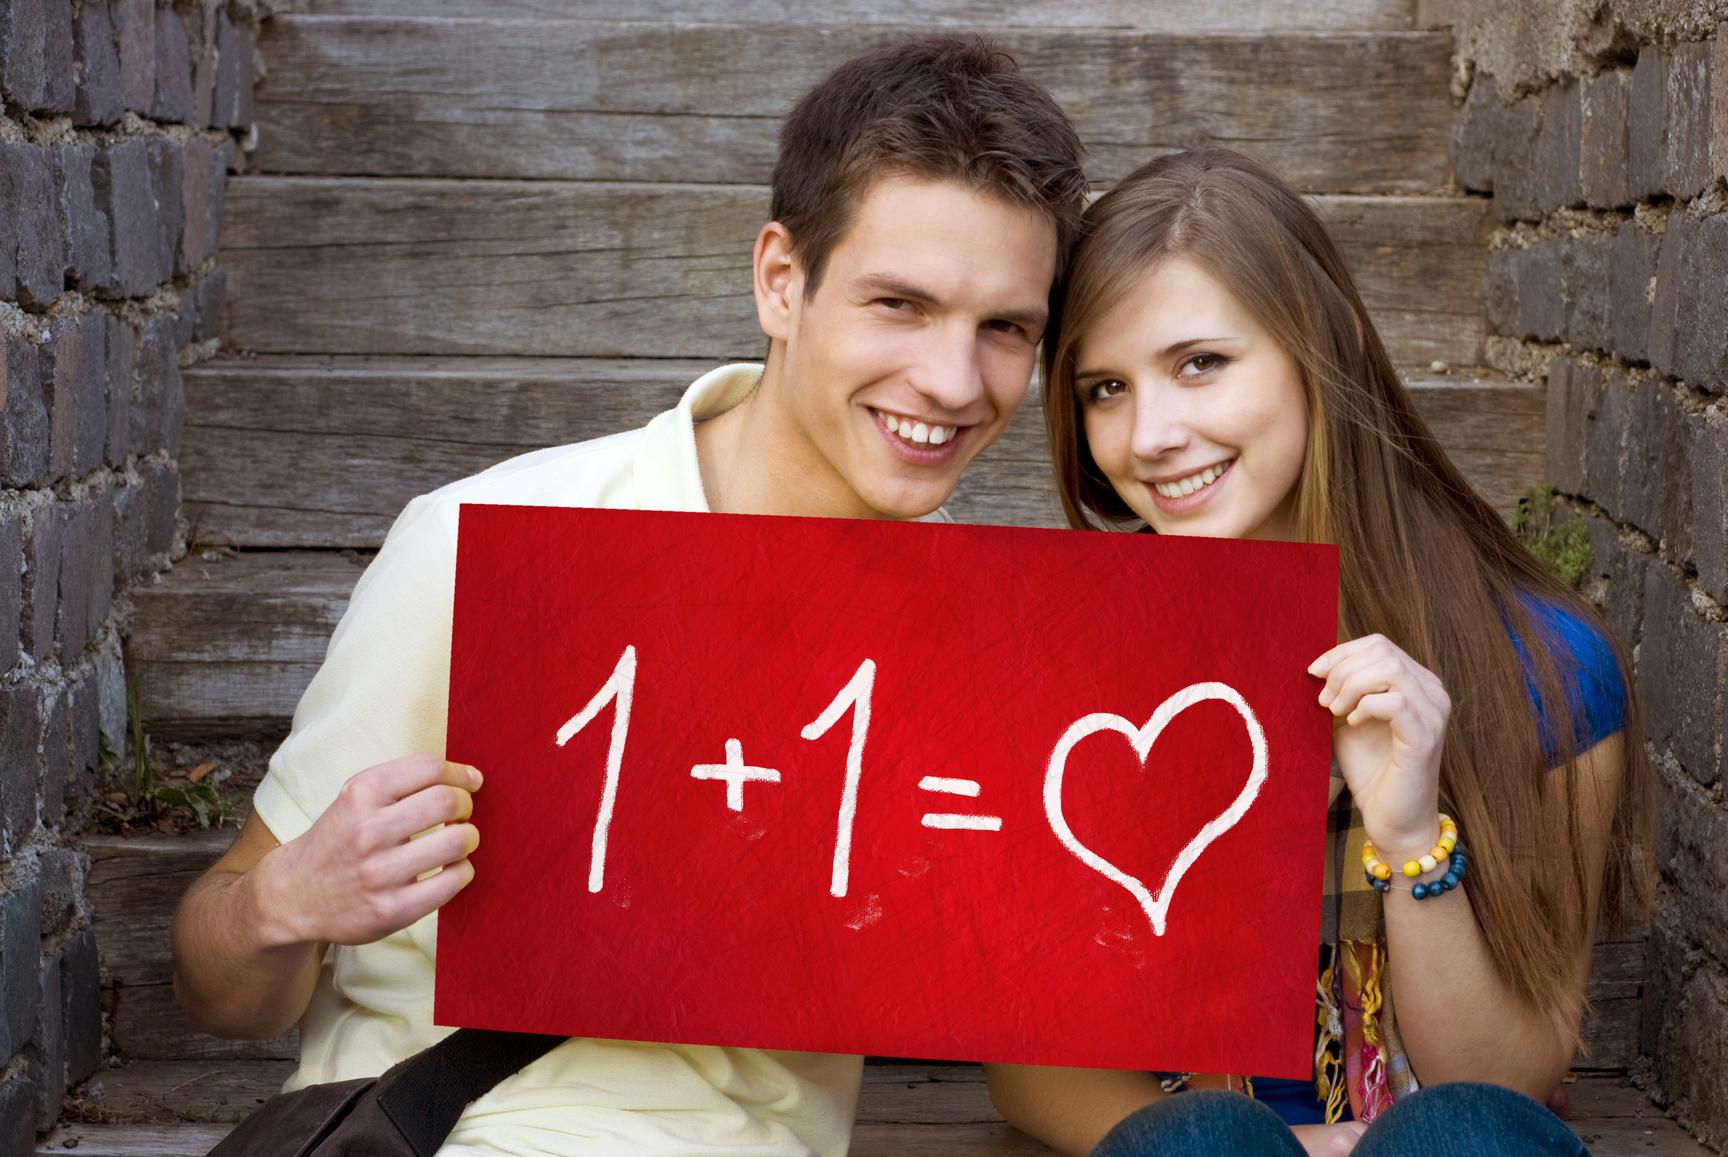 Поздравления с Днем святого Валентина передадут всю ласку, любовь и нежность, которые ты испытываешь к своей второй половинке